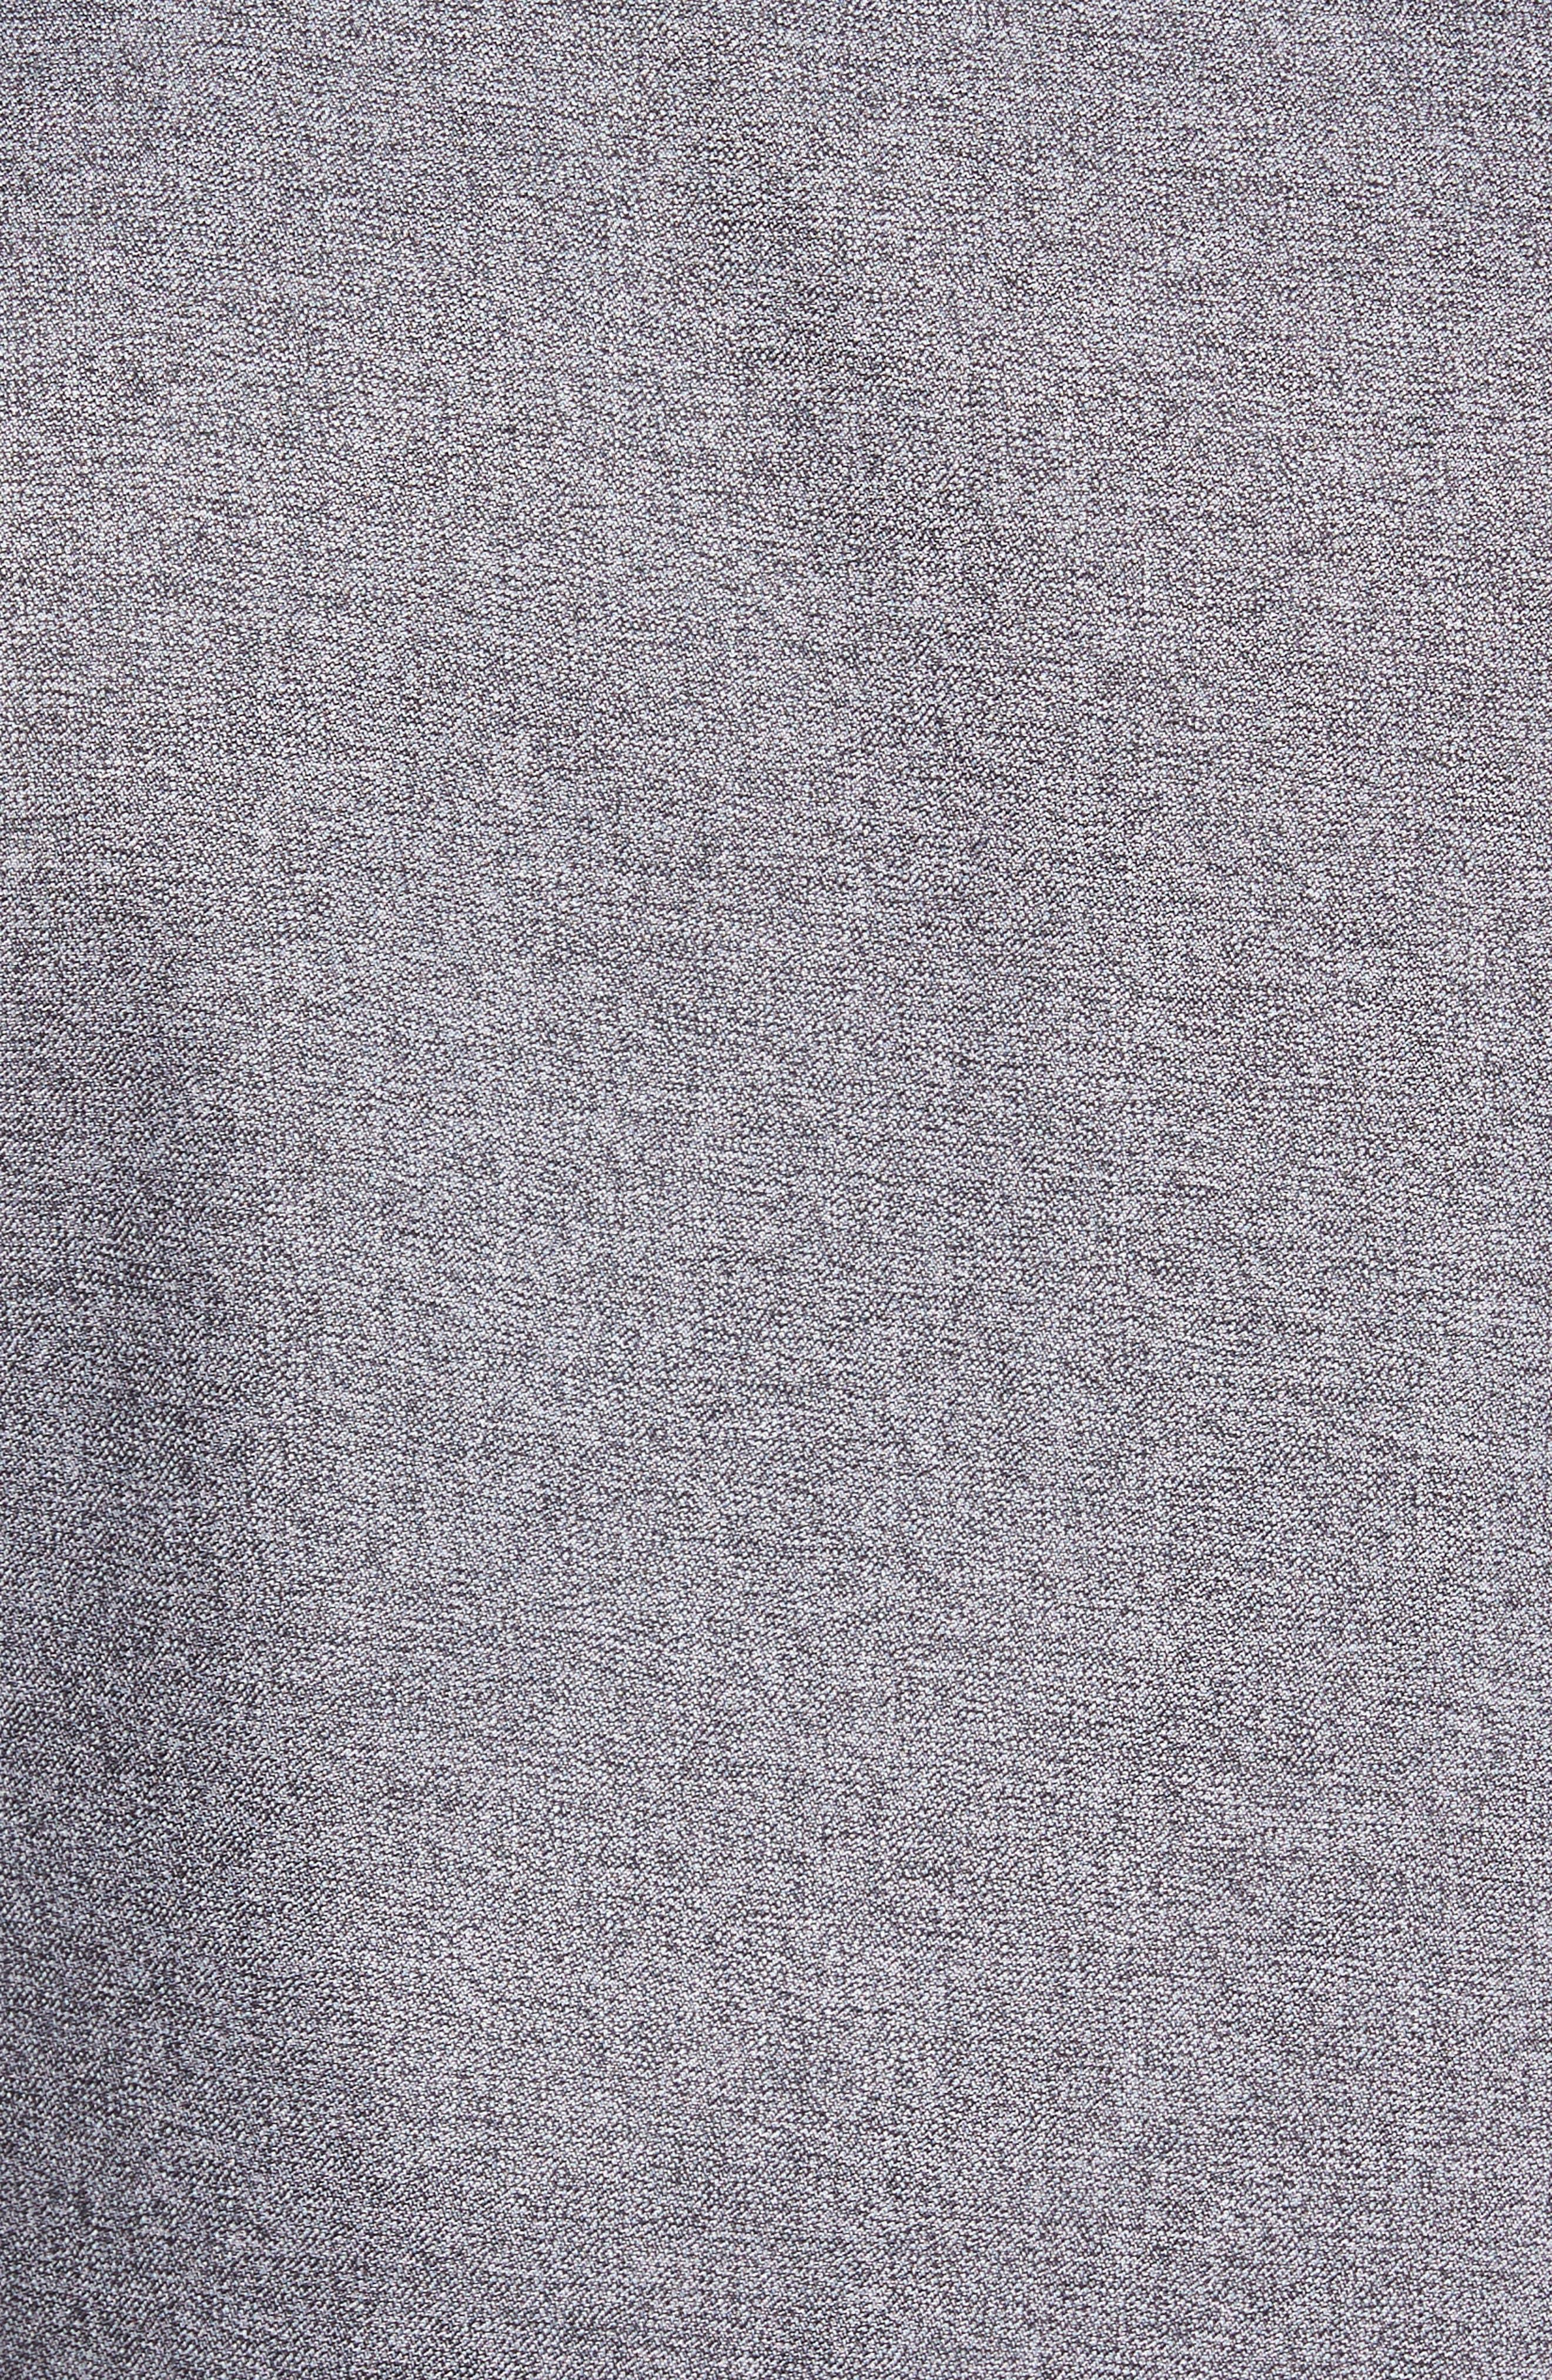 Slim Fit Non-Iron Jaspe Sport Shirt,                             Alternate thumbnail 5, color,                             Grey Magnet Black Jaspe